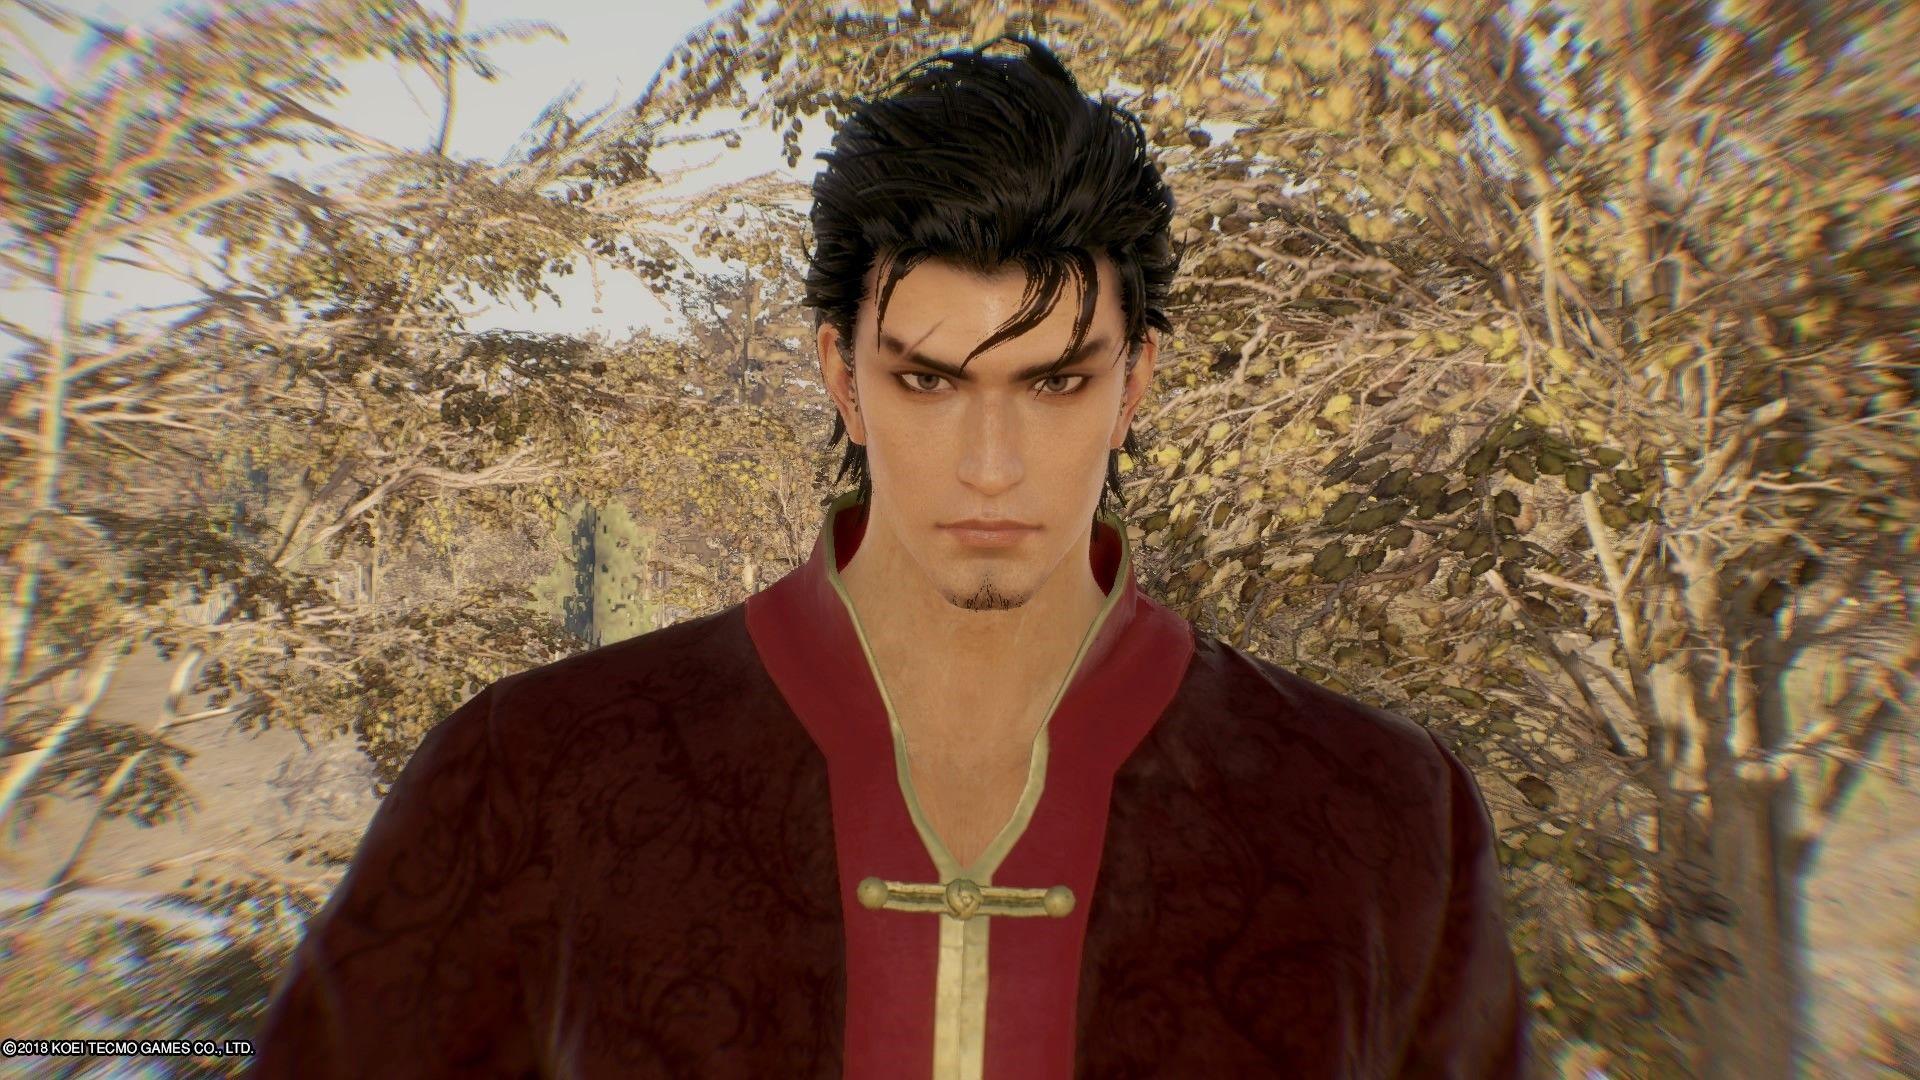 Xu Sheng Dynasty warriors, Warrior, Fashion